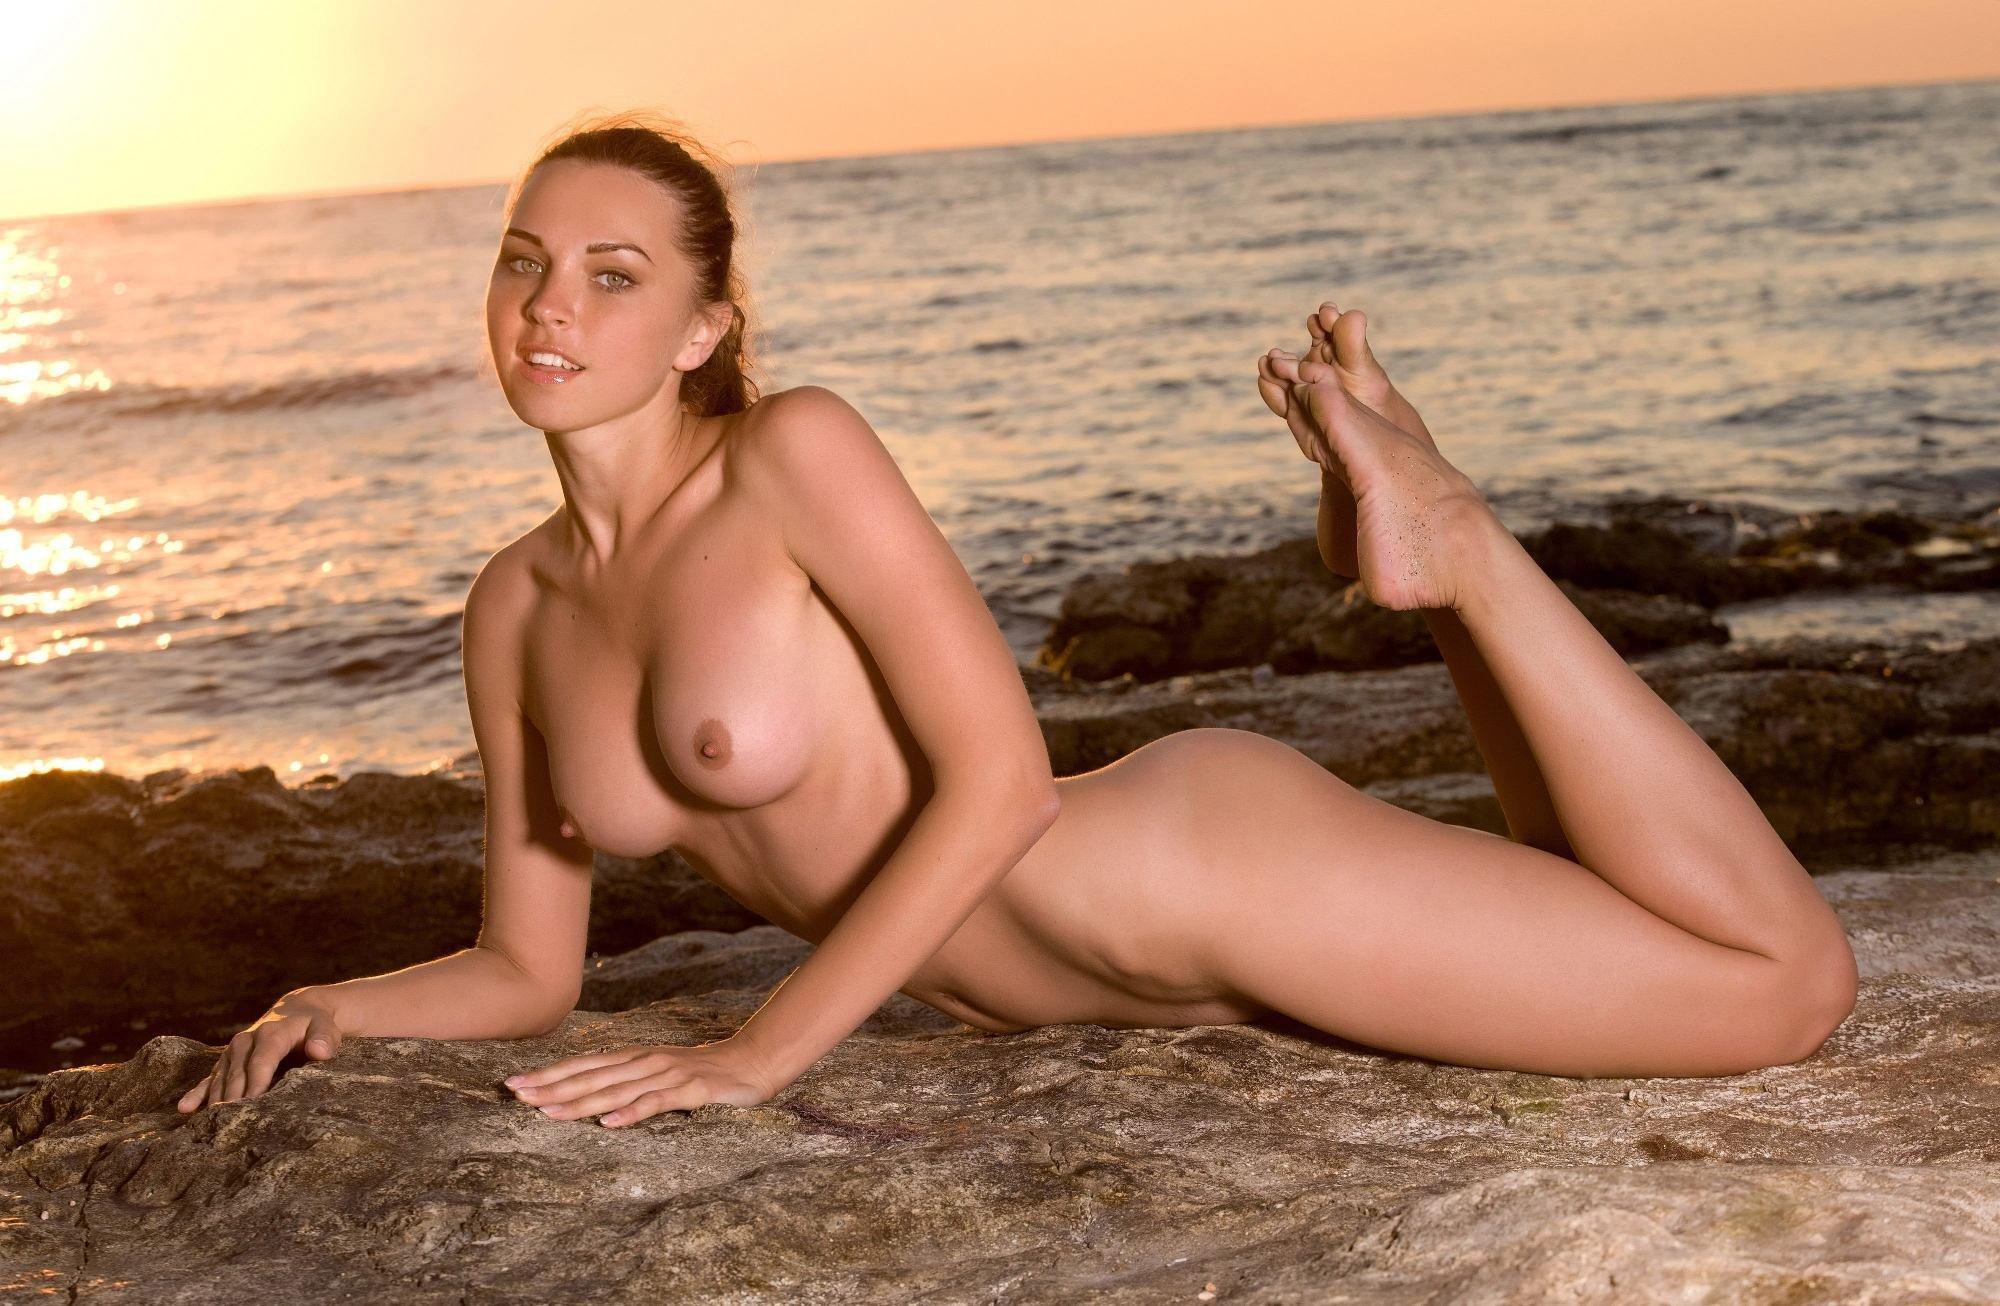 Фото голых баб море, Голые зрелые женщины на пляже (41 фото) Зрелые 20 фотография